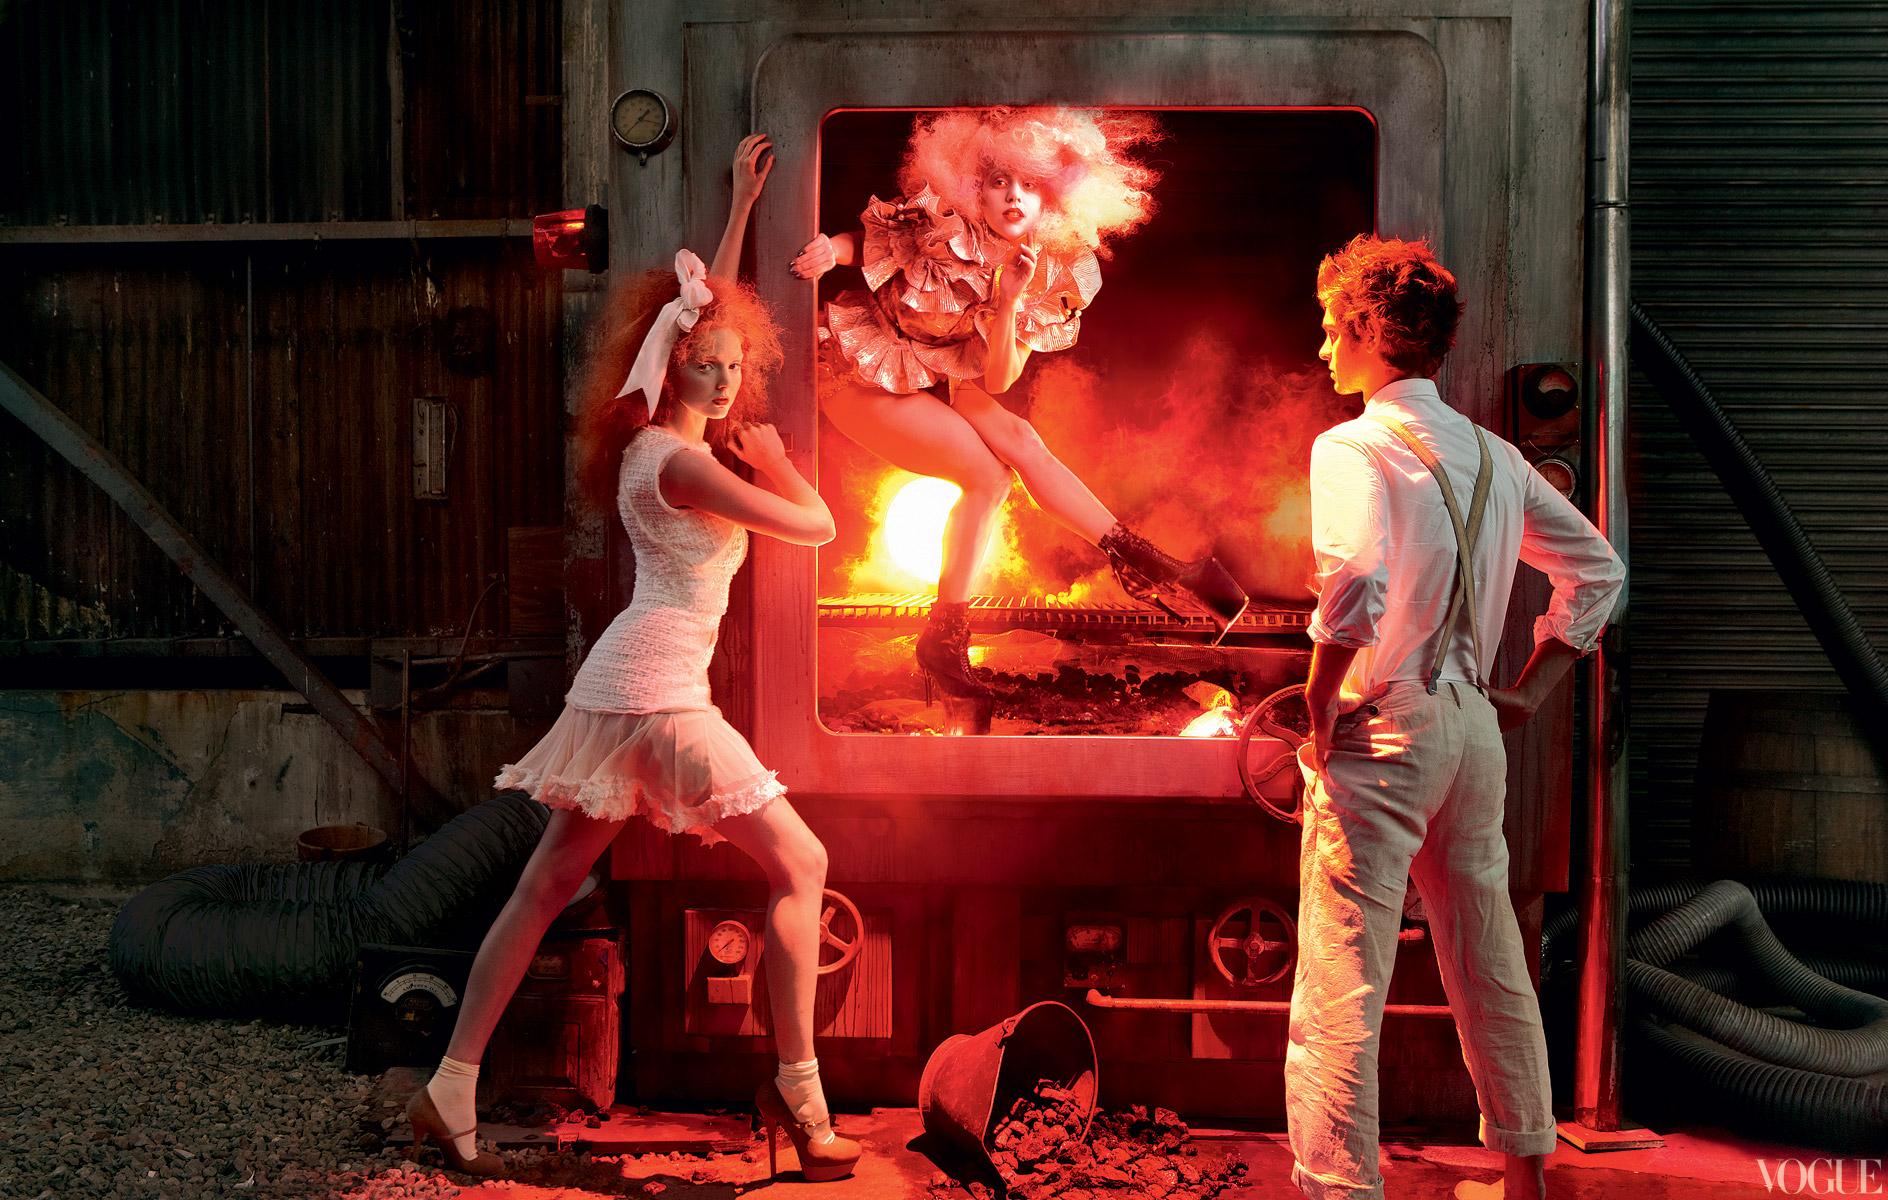 fairy-tales-2009-12-annie-leibovitz-2_173855500073